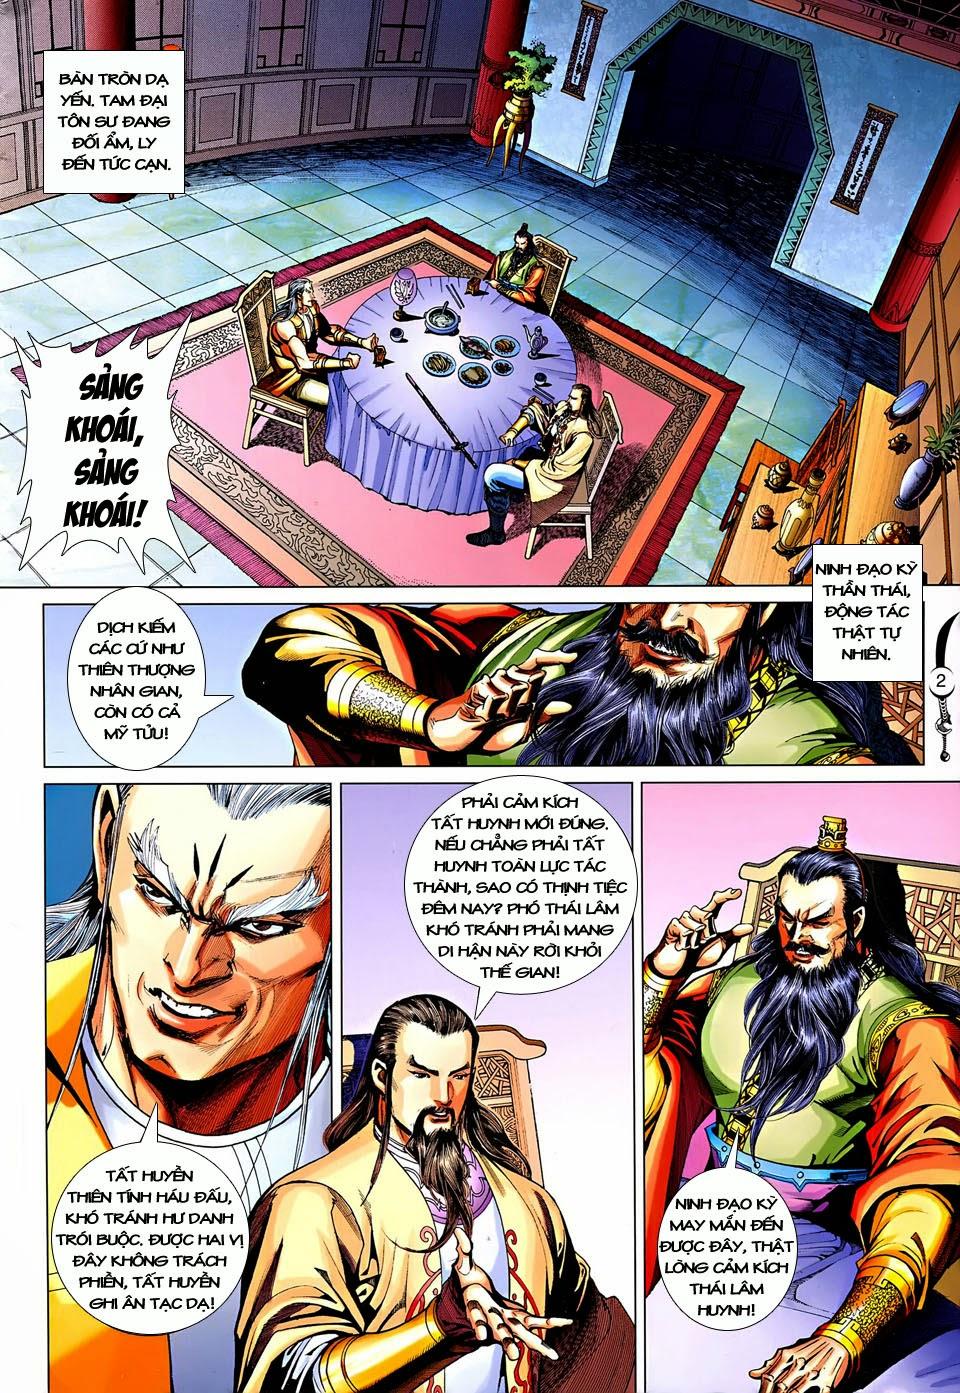 Đại Đường Song Long Truyện chap 250 - Trang 2